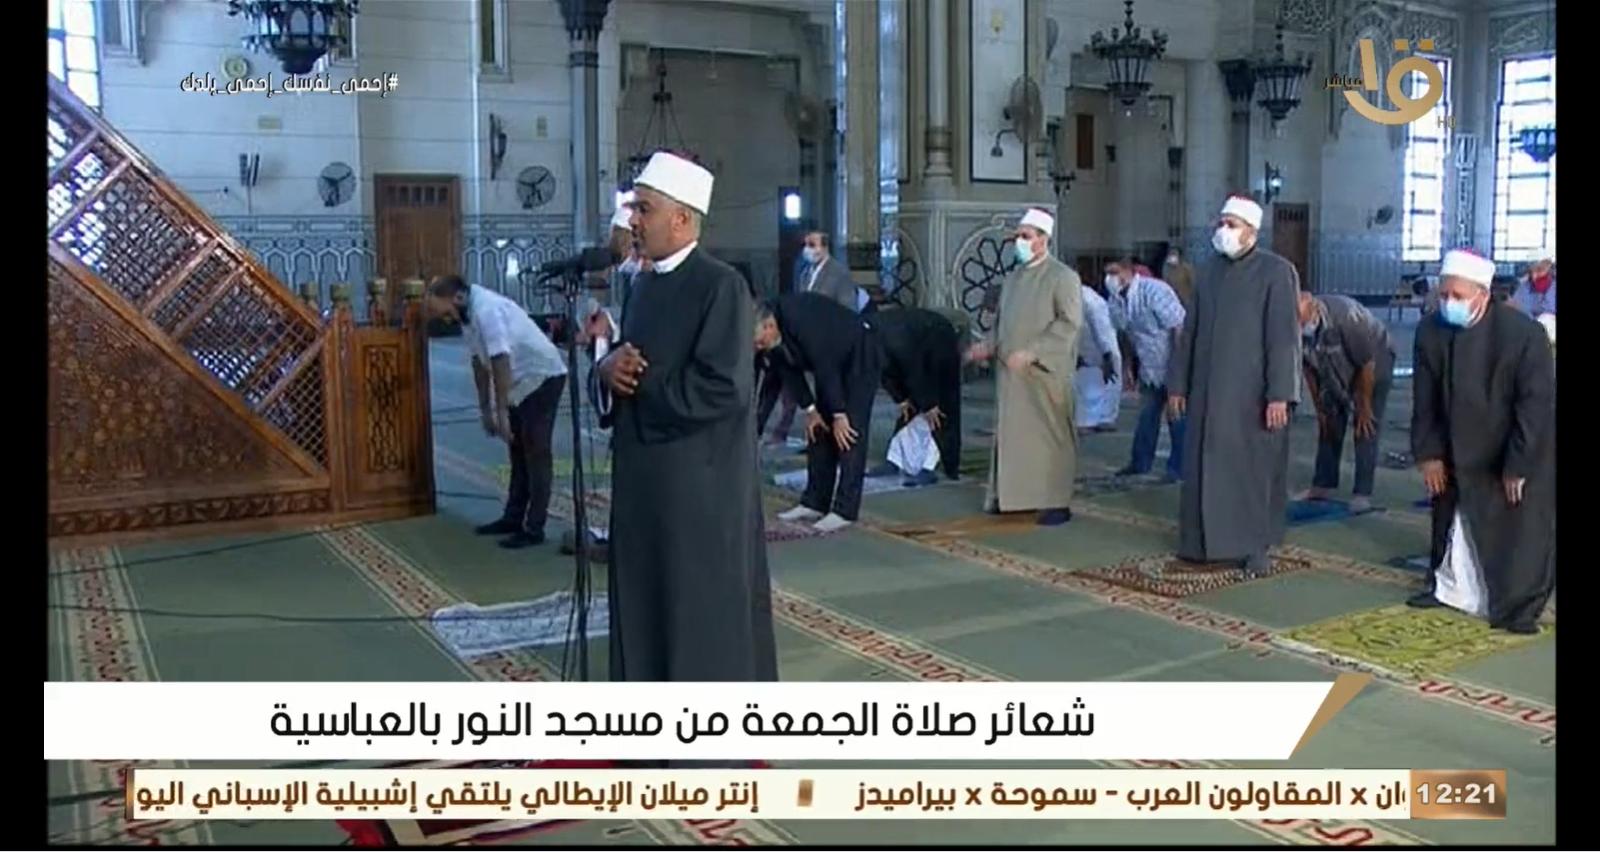 صلاة الجمعة من مسجد النور اليوم